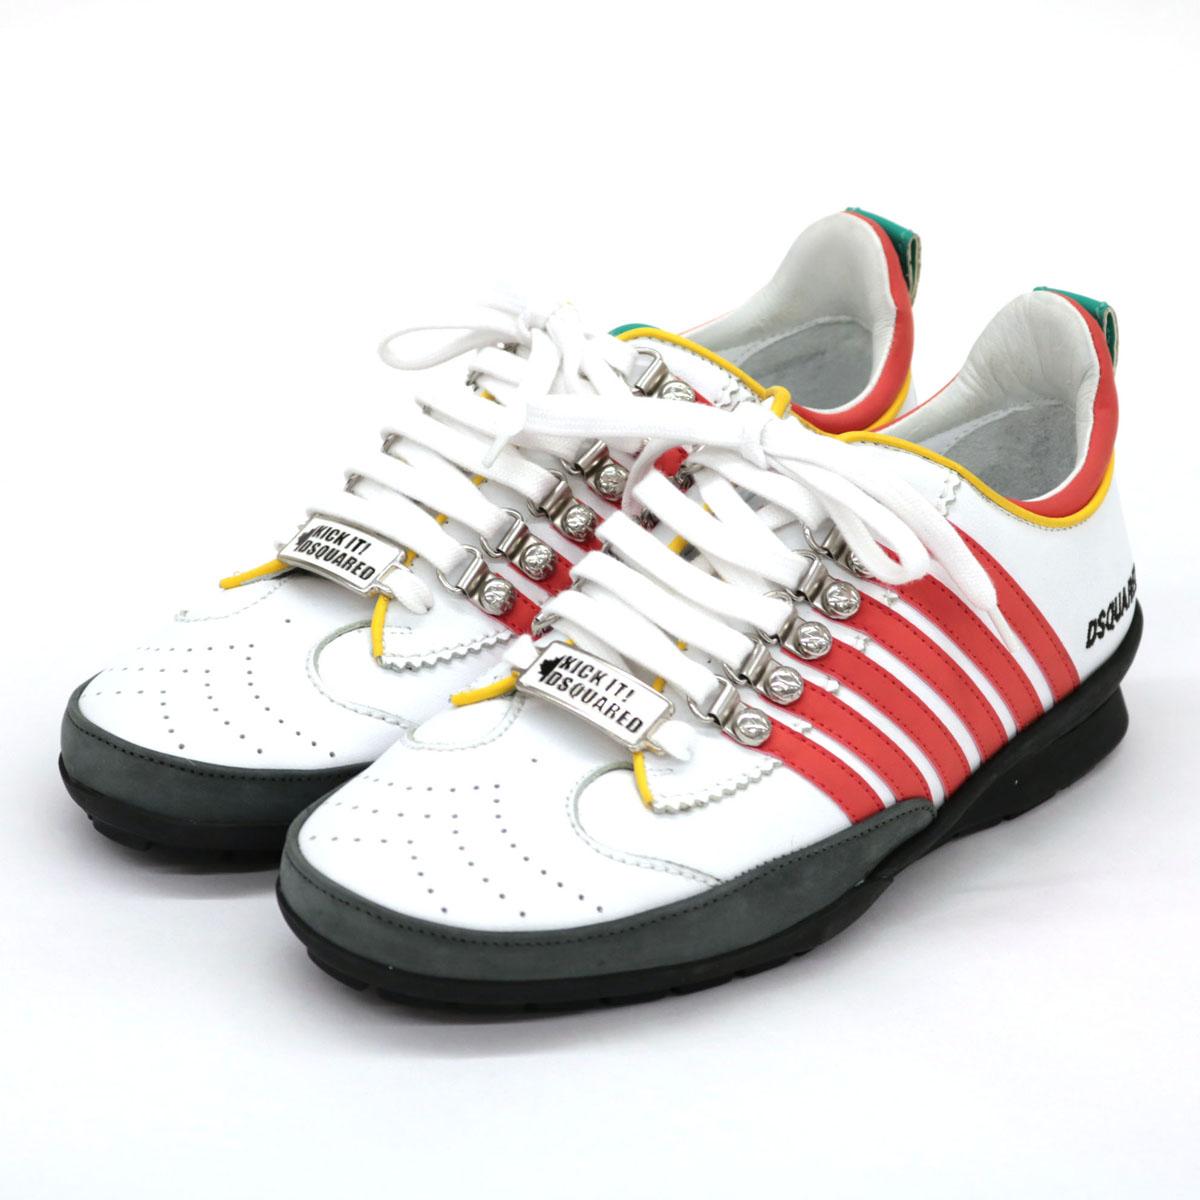 【中古】美品◆Dsquared2 ディースクエアード レザースニーカー サイズ40◆ マルチカラー/ホワイト×レッド×グリーン/KICKIT!プレート/メンズ/靴